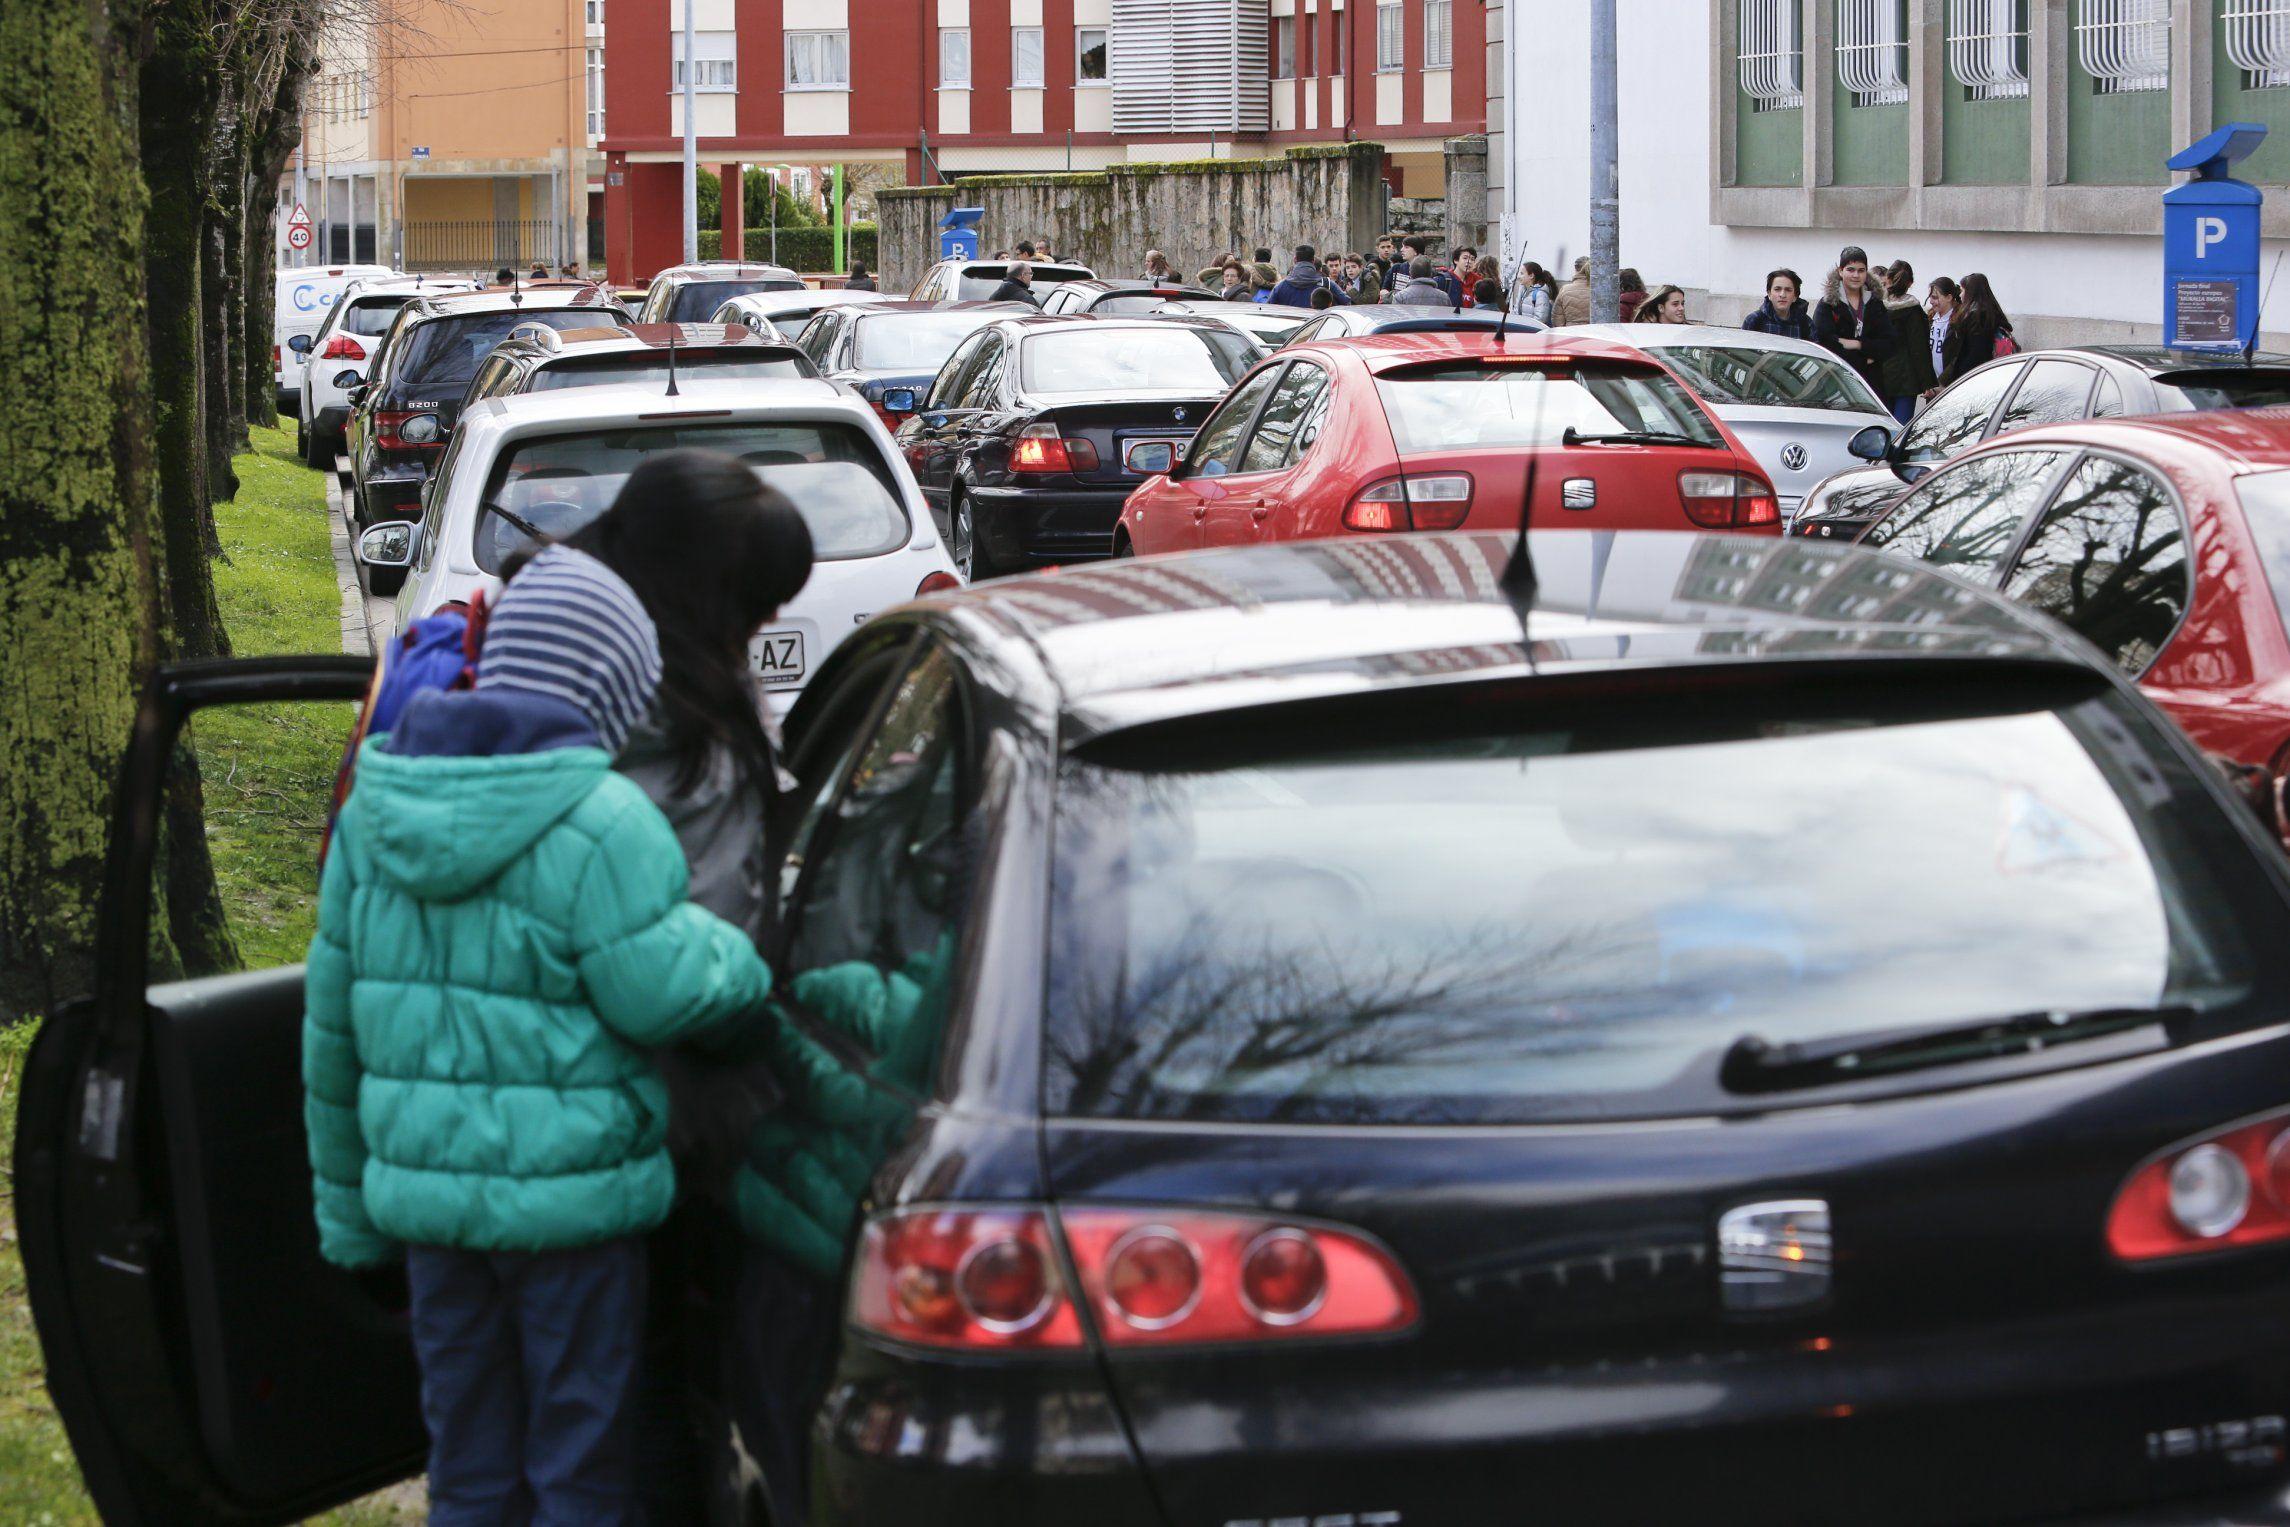 LUGO: La doble fila es la reina en la Avenida Ramón Ferreiro, que pierde uno de sus carriles en horas de recogida escolar